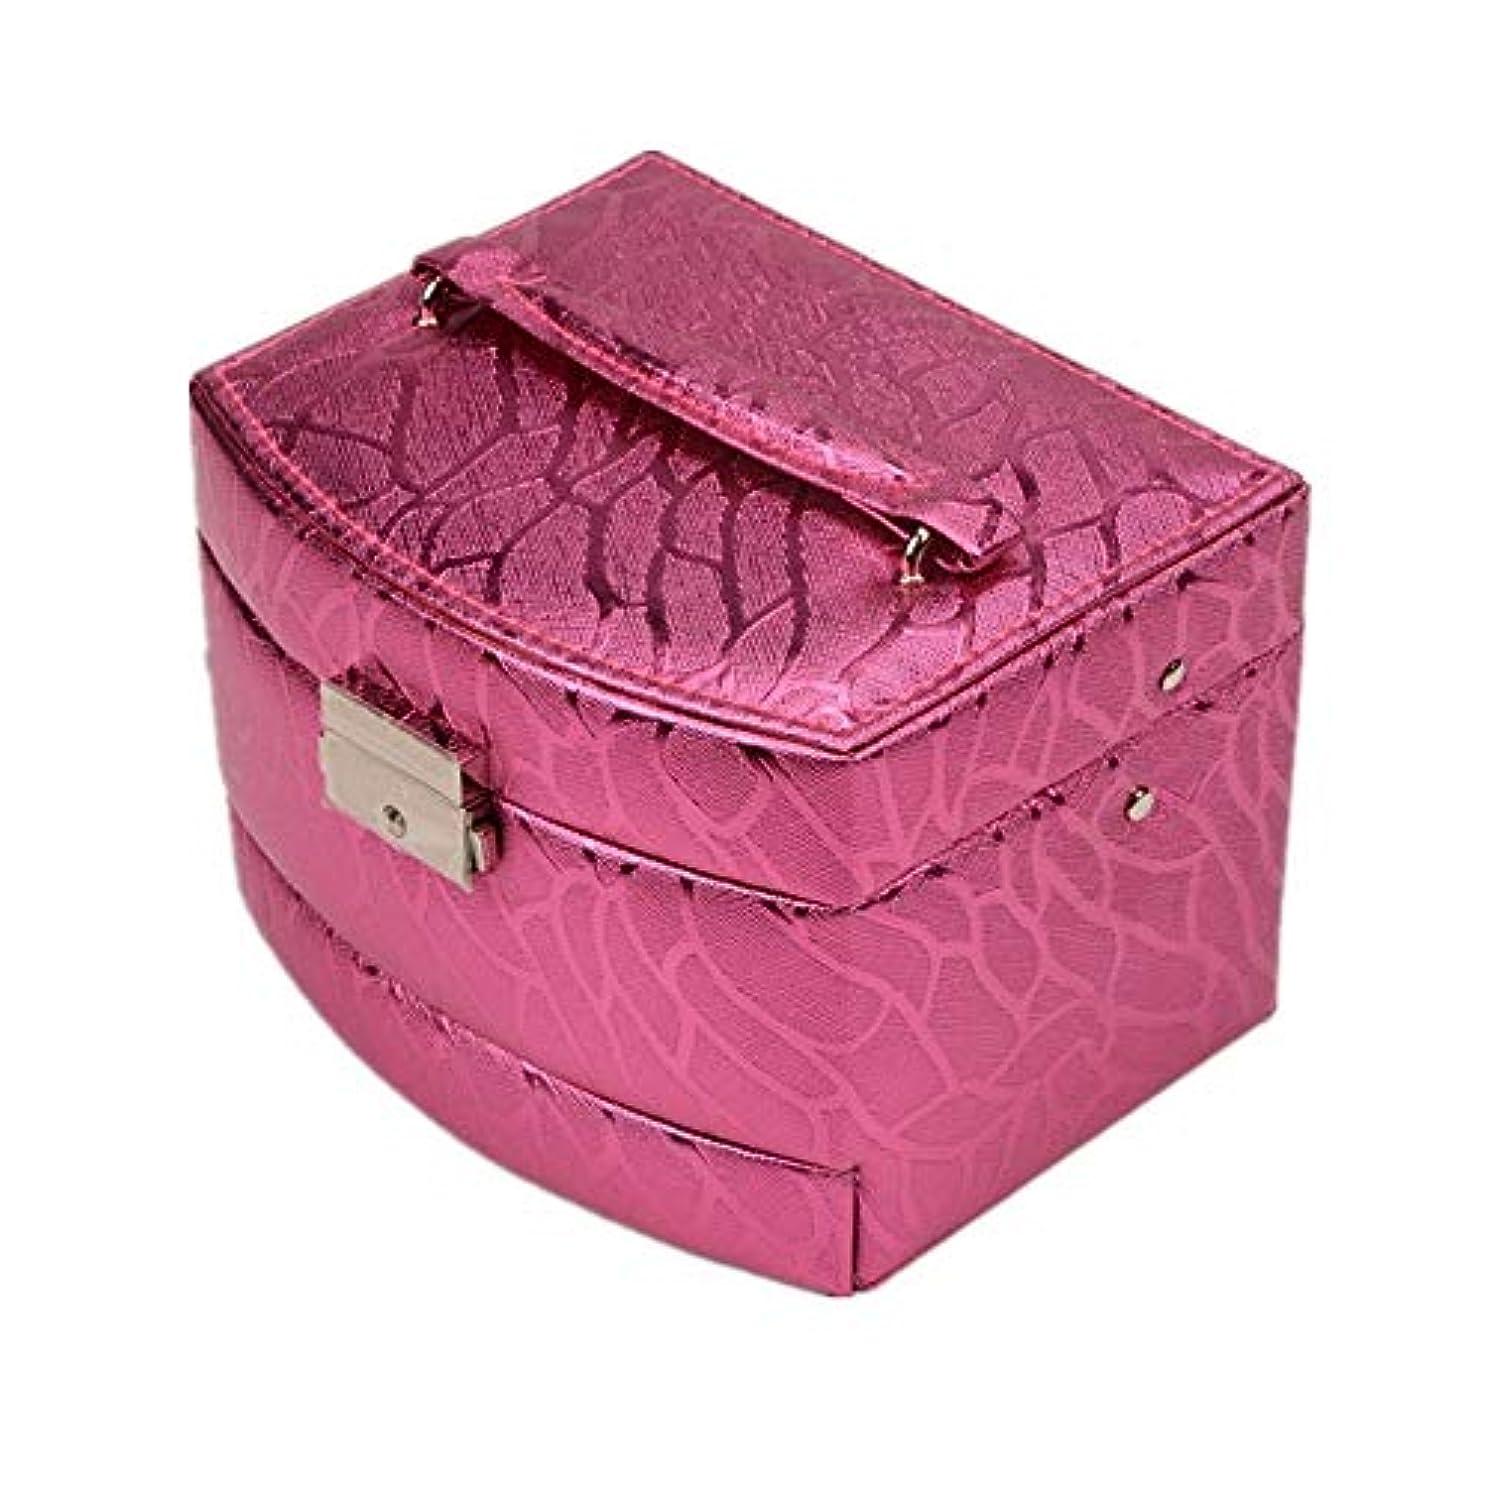 世界記録のギネスブック表示知らせる化粧オーガナイザーバッグ 光沢のあるポータブル多層化粧品美容メイクアップ化粧ケースロックと化粧品ミラー 化粧品ケース